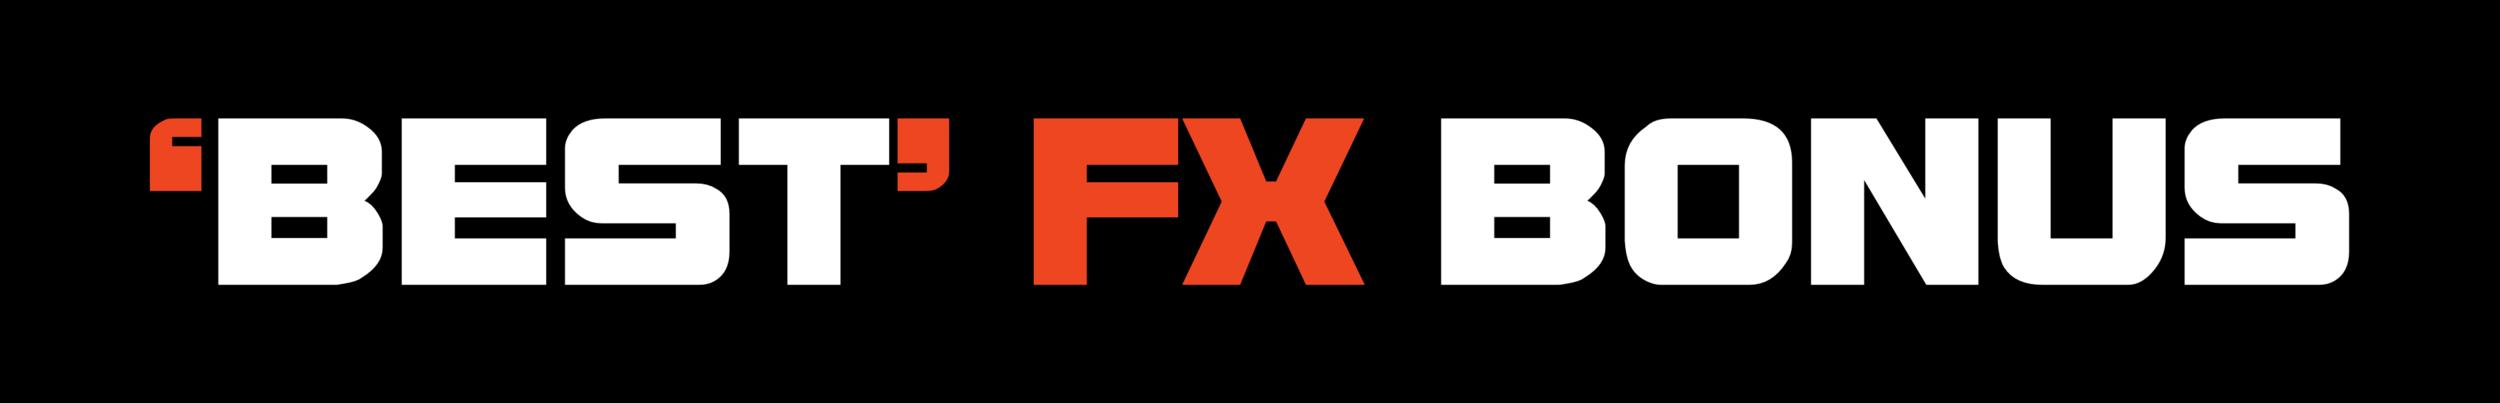 BestFxBonus-logo-300dpi.png